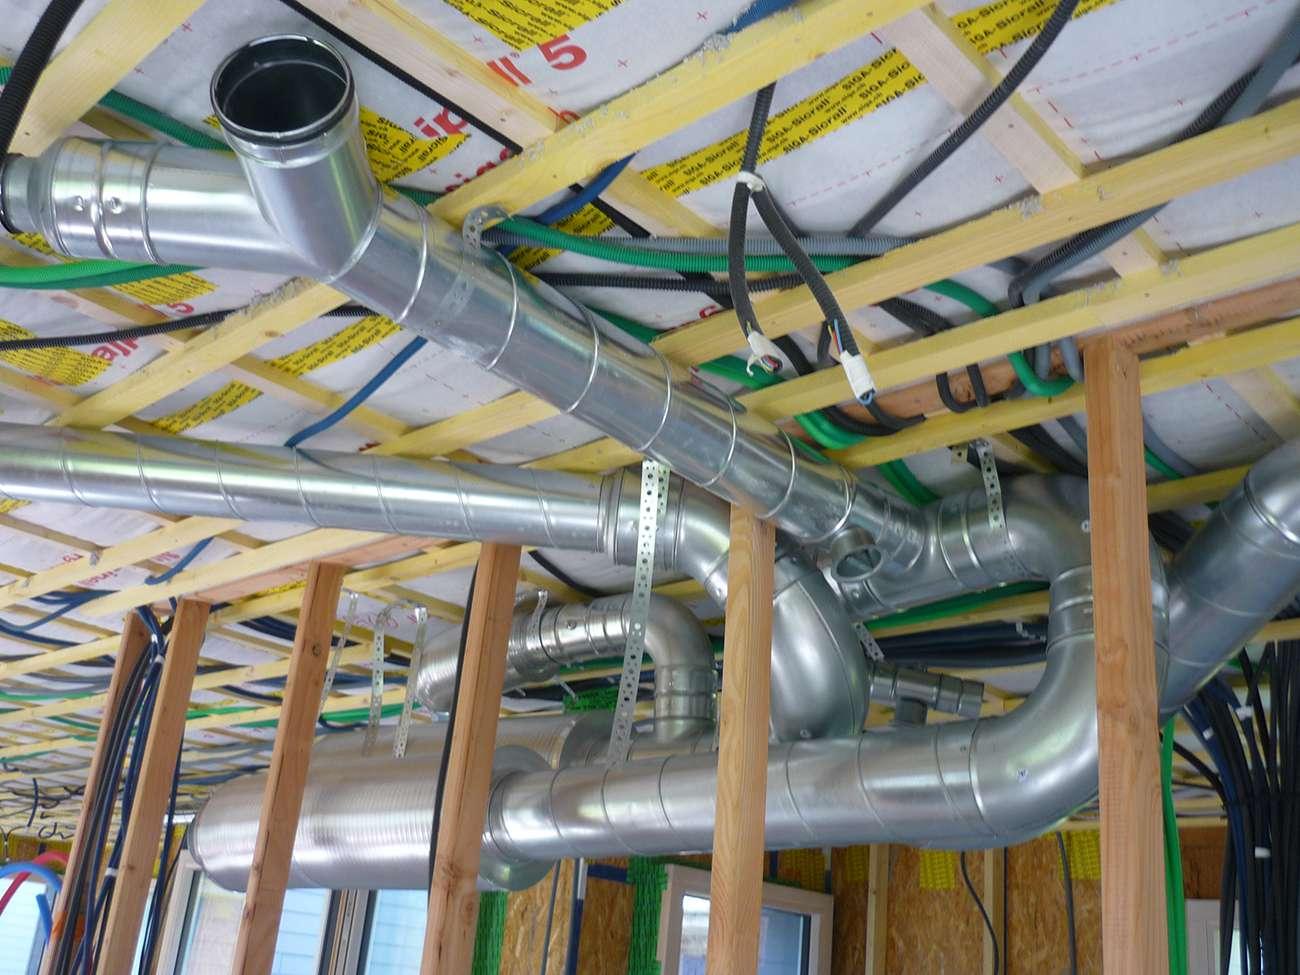 Syst me de ventilation pour une maison passive www for Systeme de ventilation maison